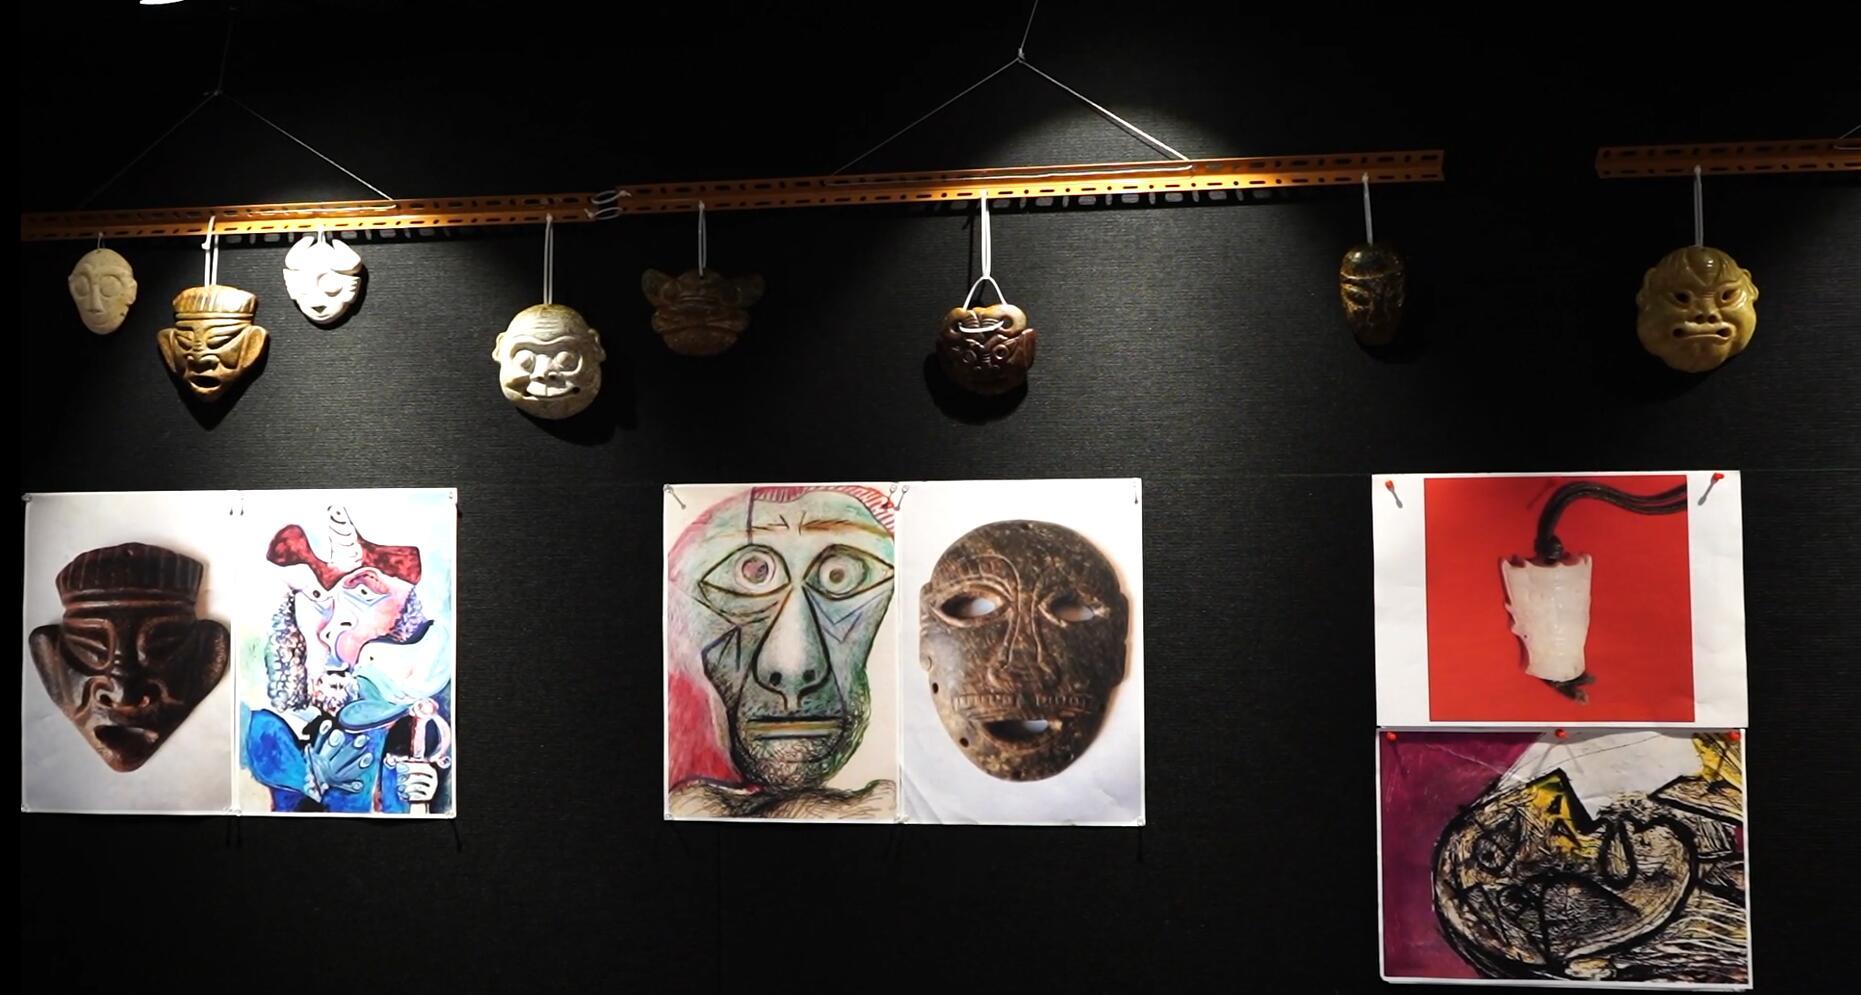 10月28日到11月2日期間,中國光彩事業基金會將於香港文化中心舉辦「史前面具文化展覽 」,展覽由本港資深收藏家蕭聖寬策展,展出共計超過五十餘件約5000年到7000年前的隕石和瑪瑙面具,以及數件與主題相關的藝術作品。(記者張夢薇攝)